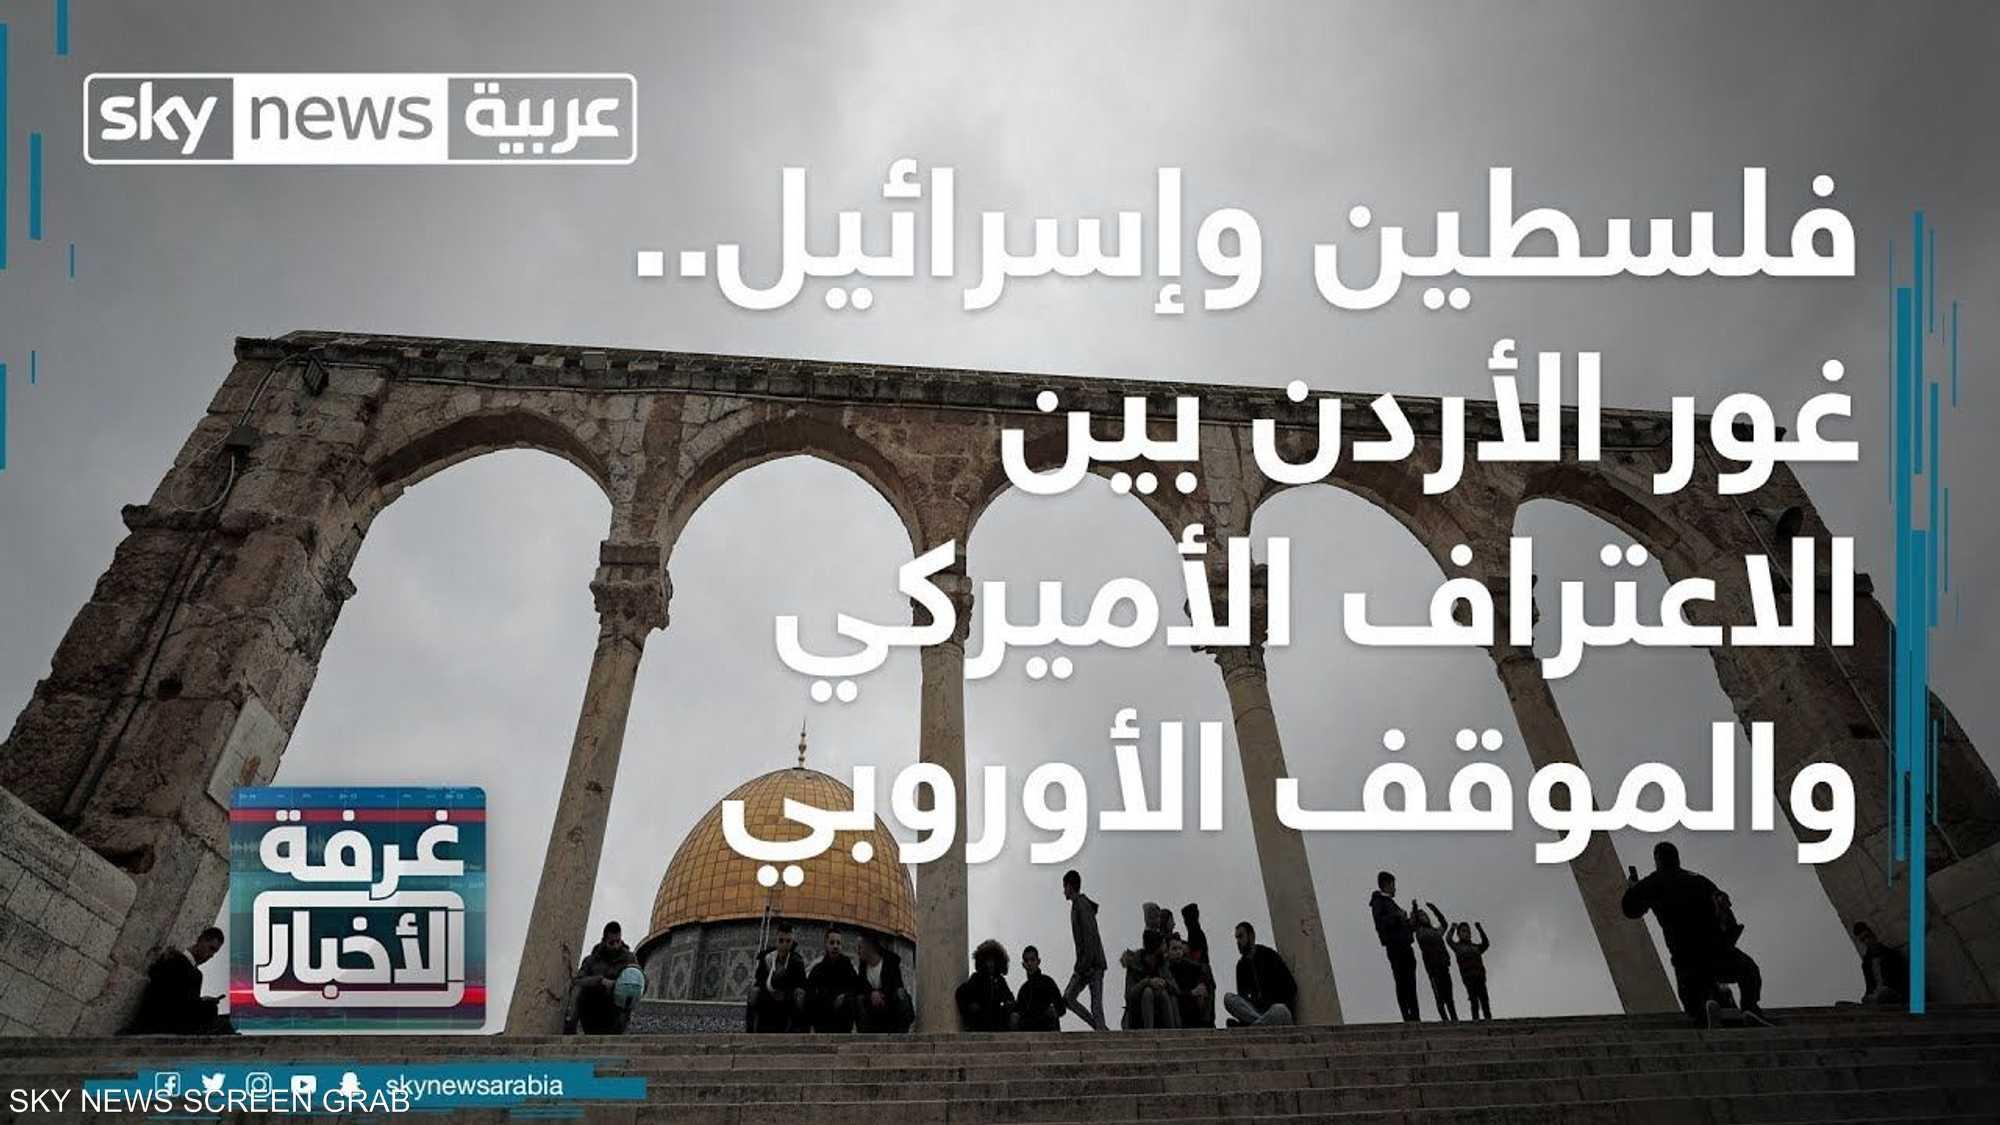 غور الأردن بين الاعتراف الأميركي والموقف الأوروبي